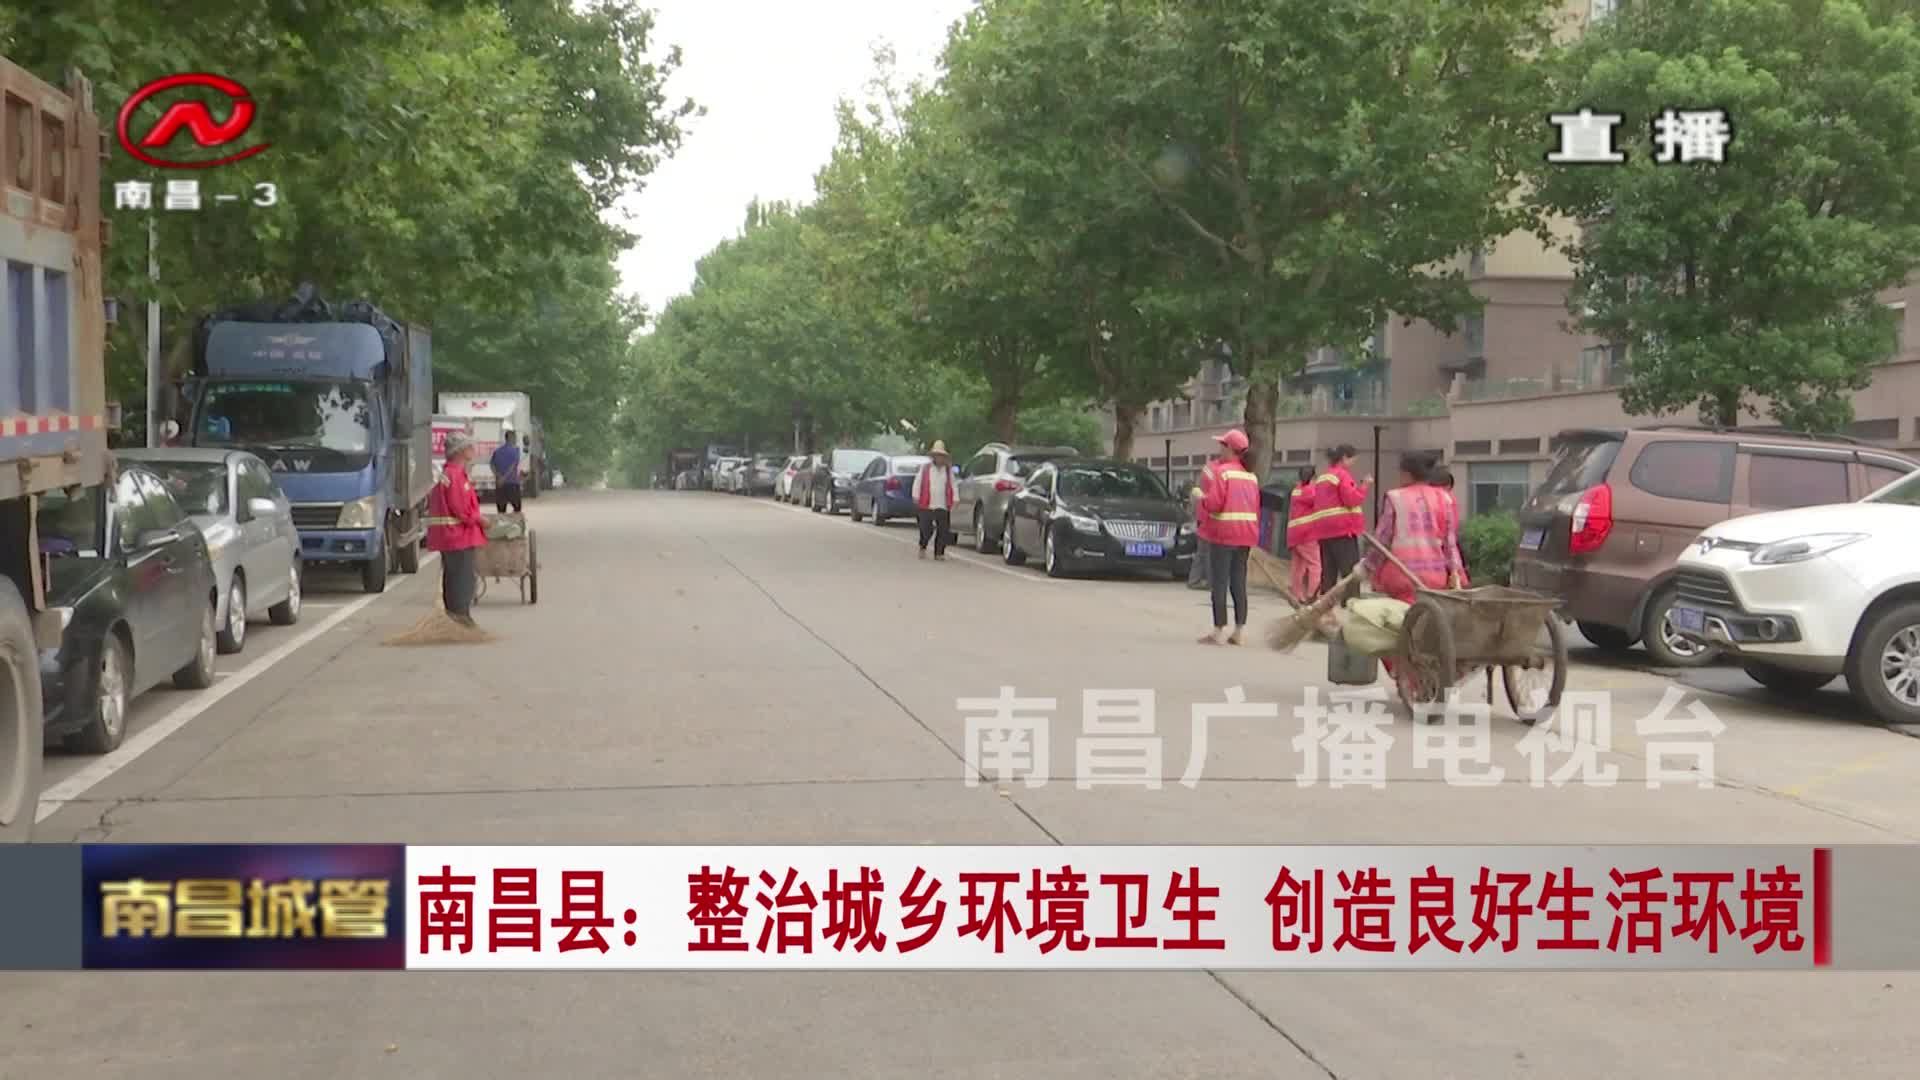 【城管新闻】南昌县:整治城乡环境卫生 创造良好生活环境